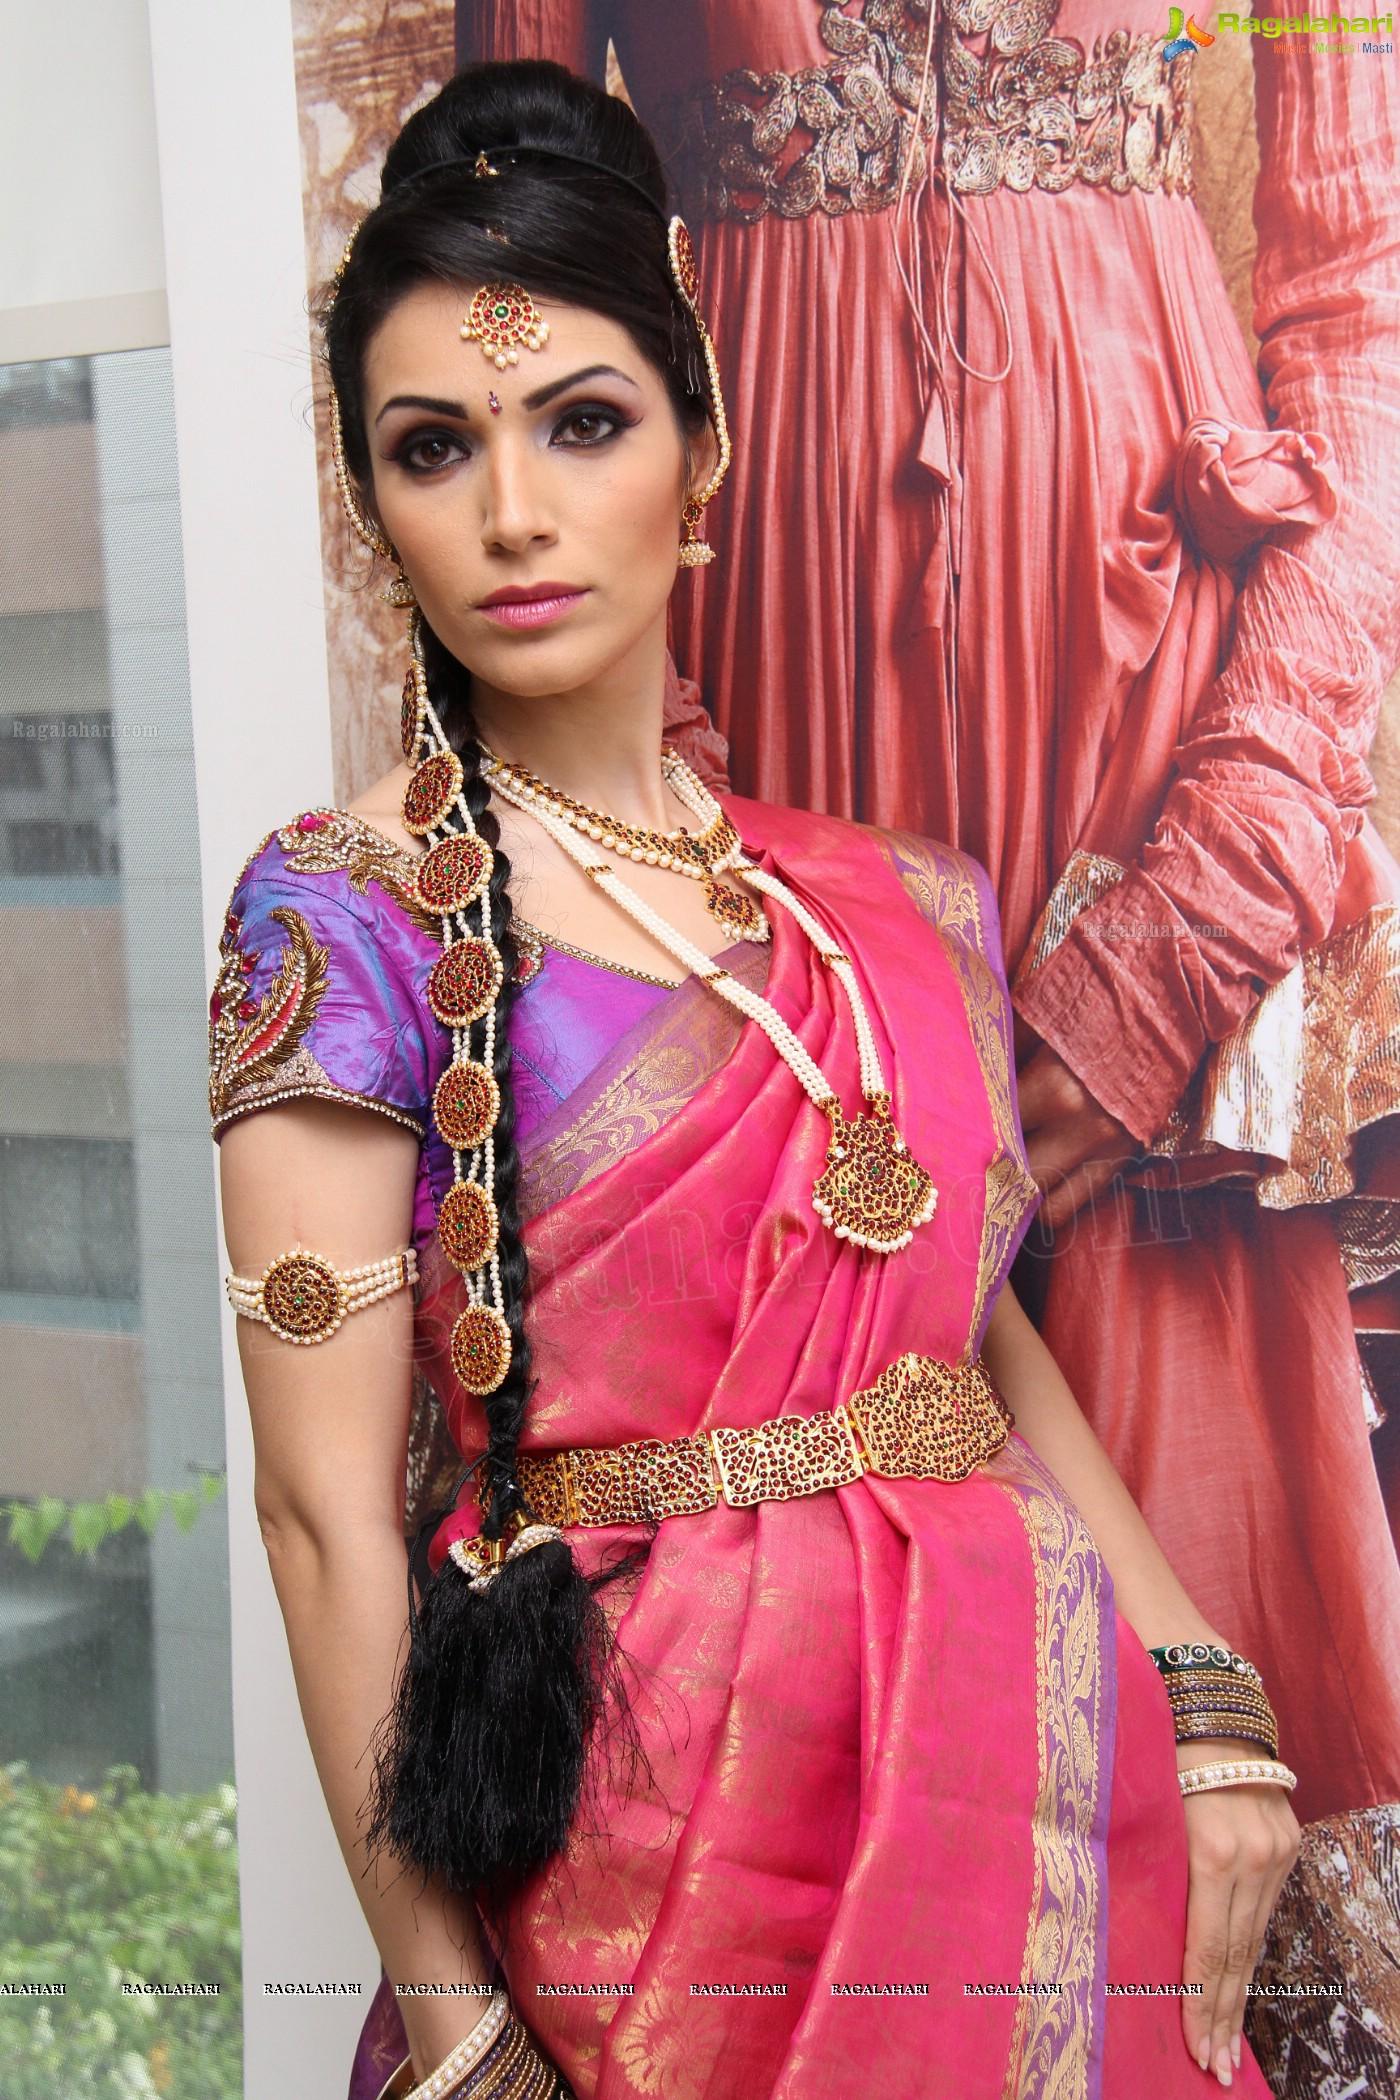 Hareena and dilraj wedding